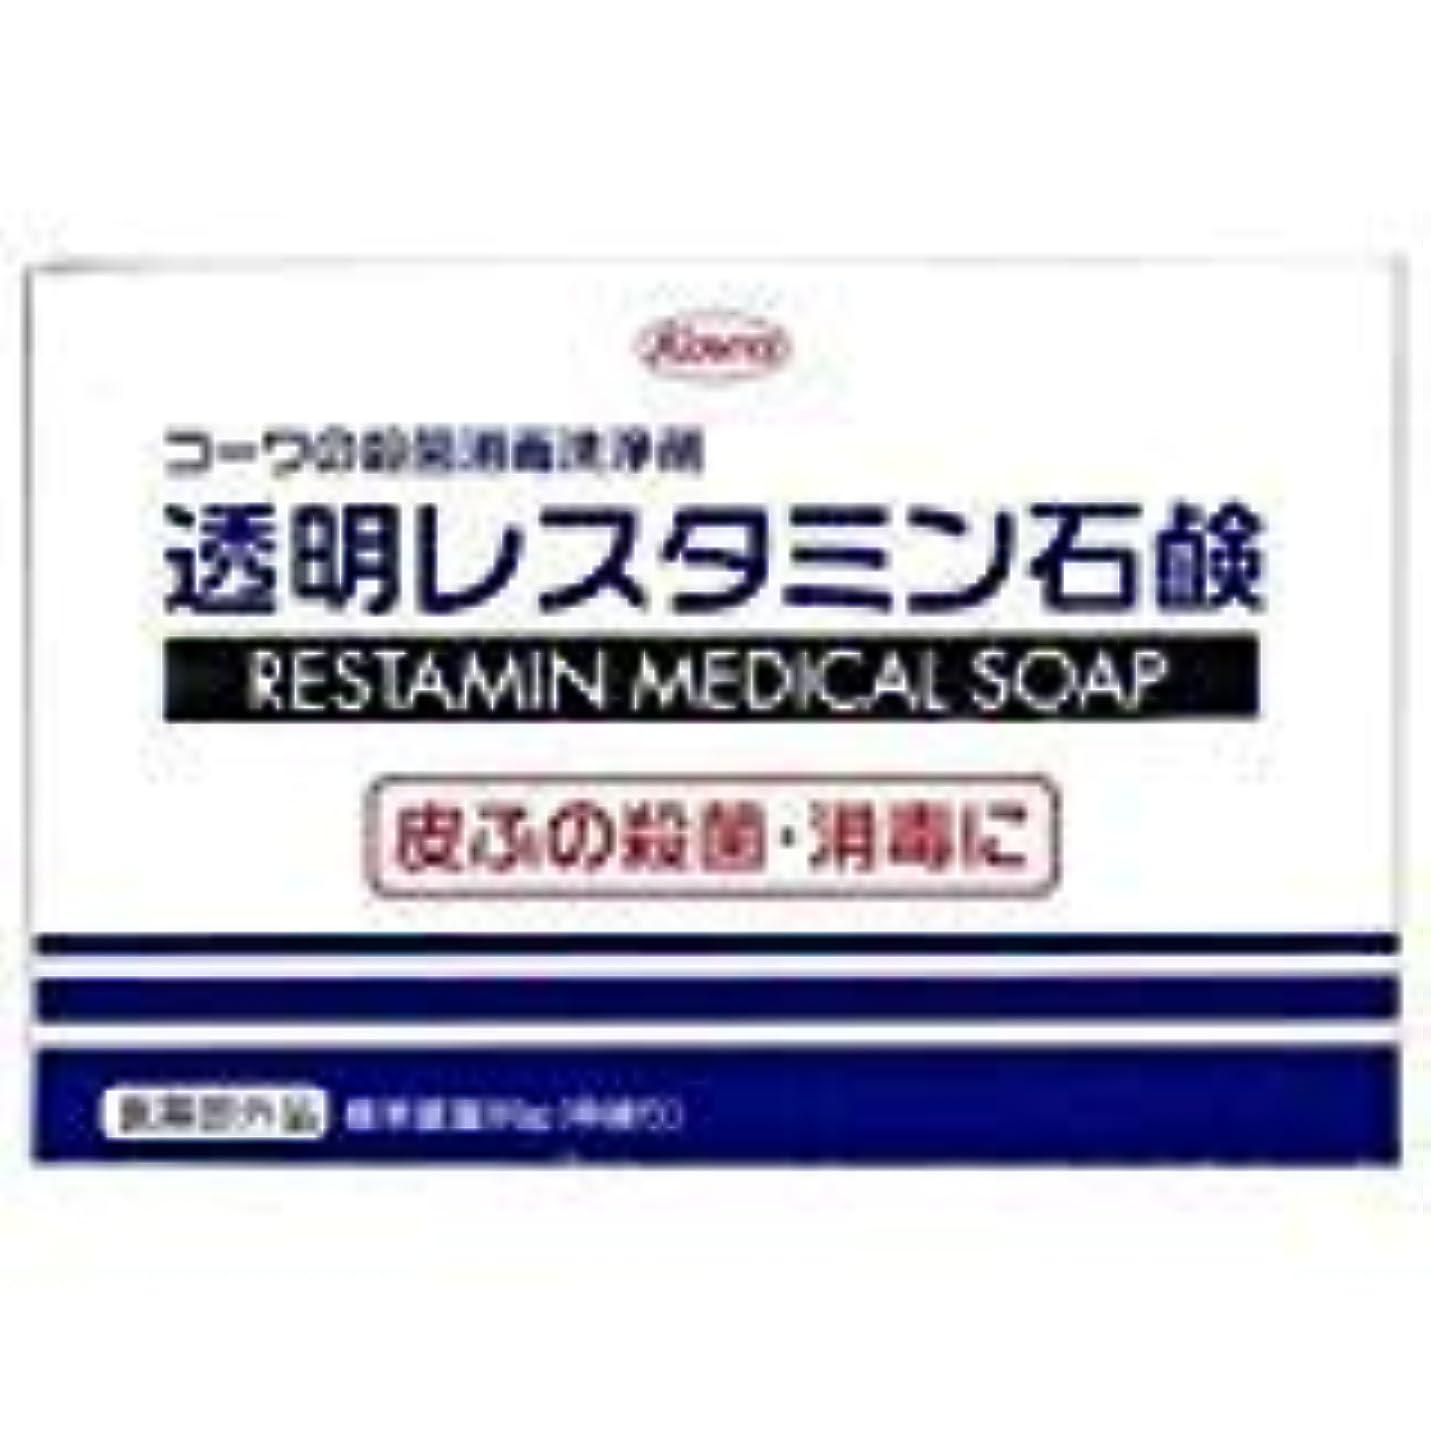 【興和】コーワの殺菌消毒洗浄剤「透明レスタミン石鹸」80g(医薬部外品) ×20個セット